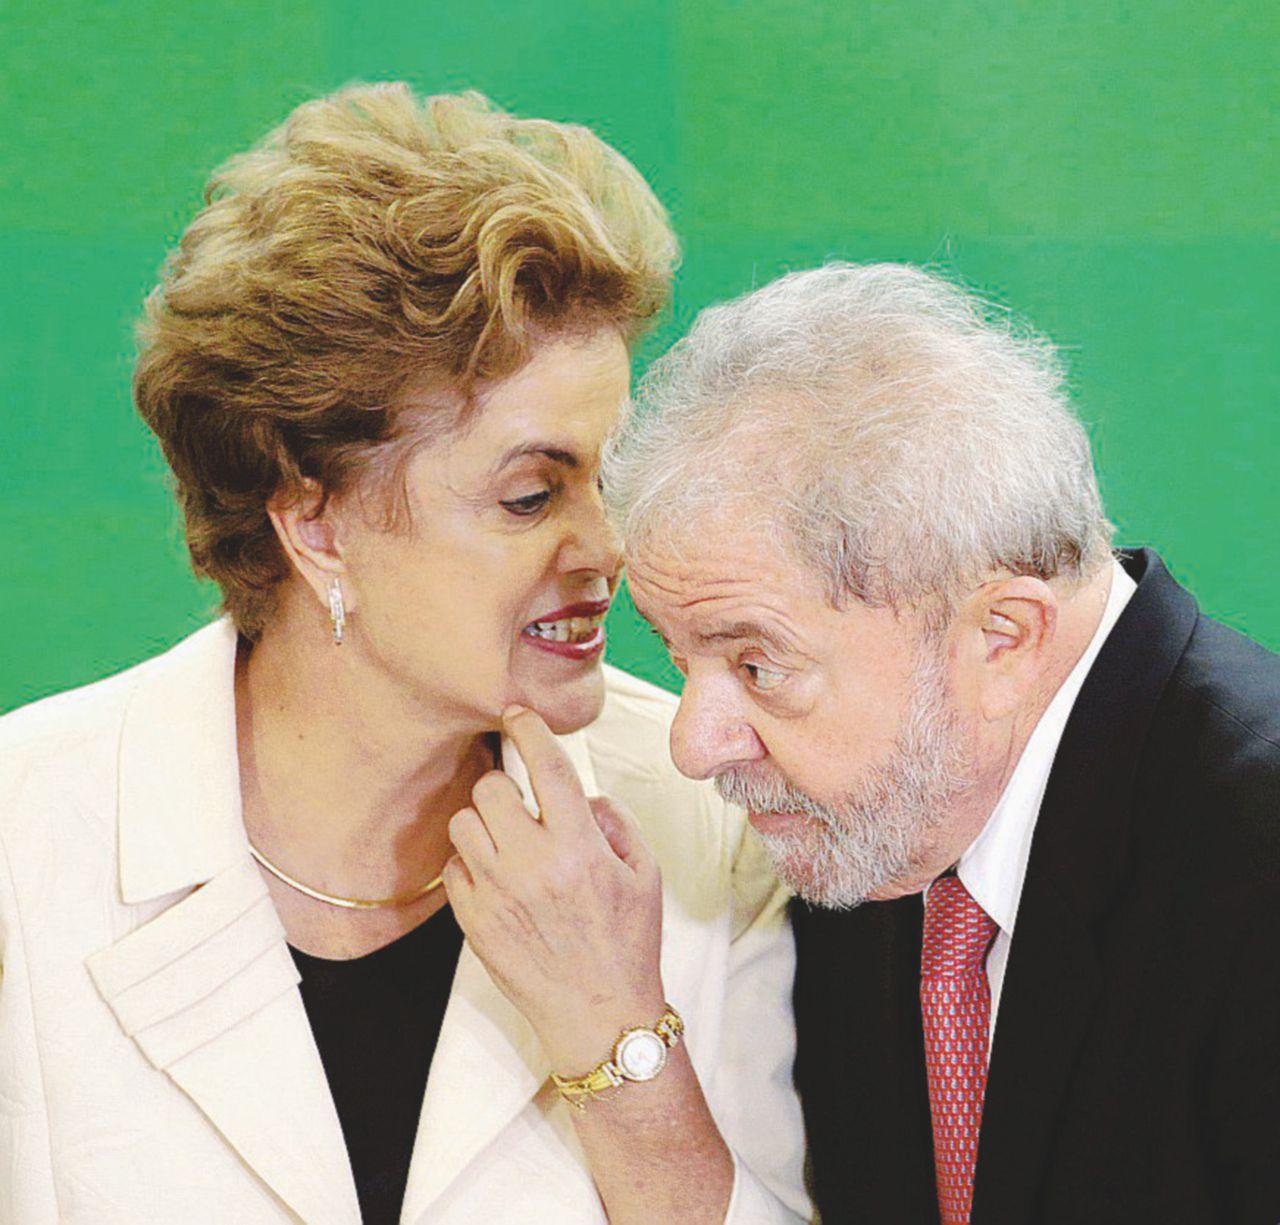 Politici e altri disastri. Lula incriminato alla vigilia della festa